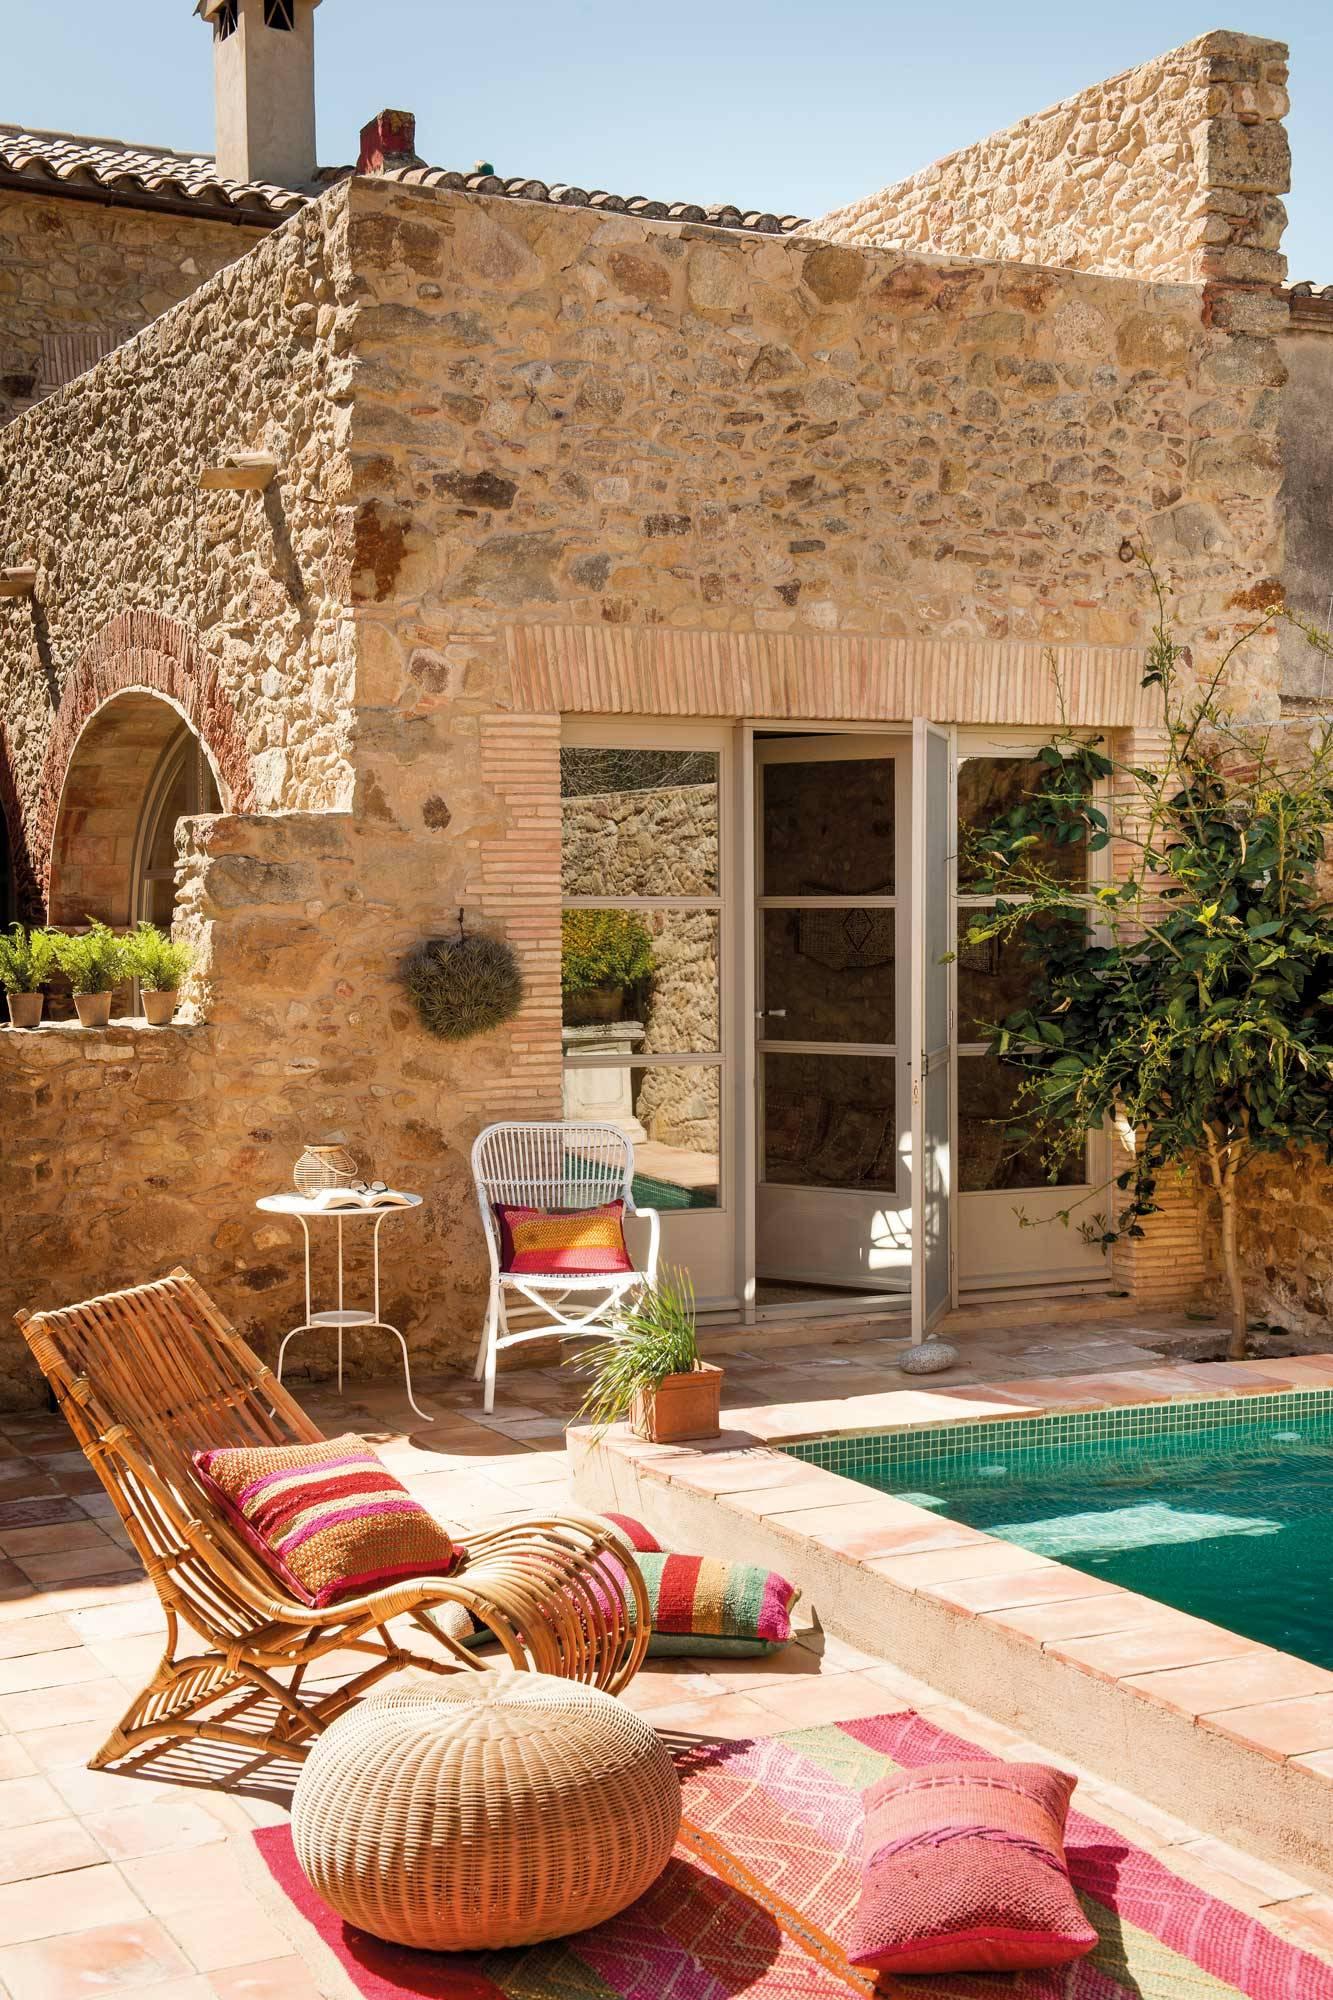 Patios interiores todo sobre la decoraci n de patios con for Decoracion de casas antiguas fotos